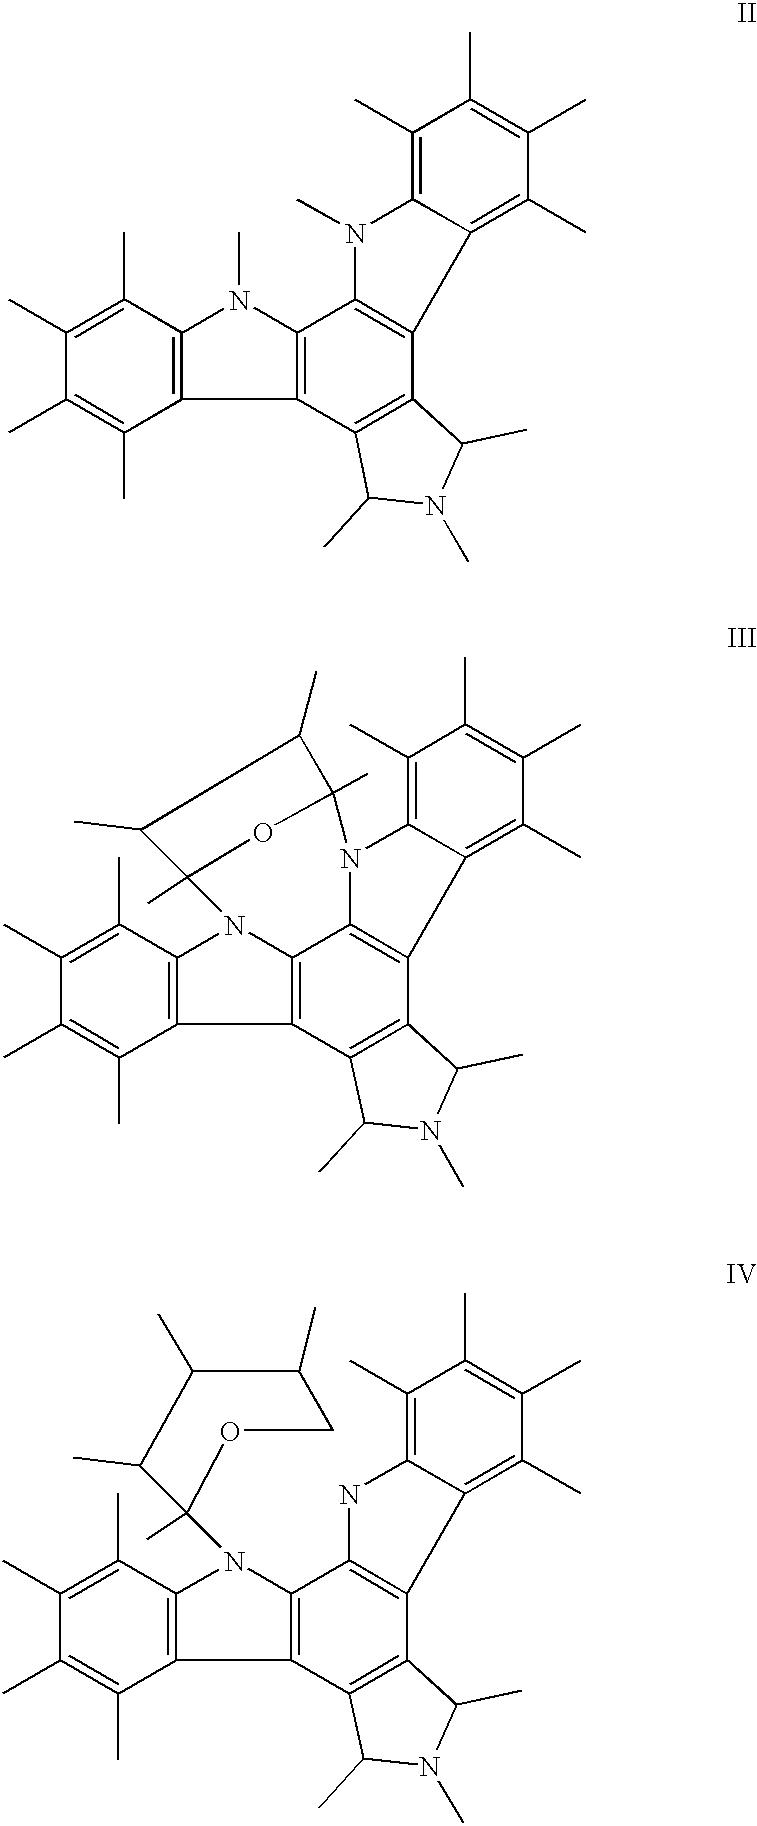 Figure US06545097-20030408-C00004